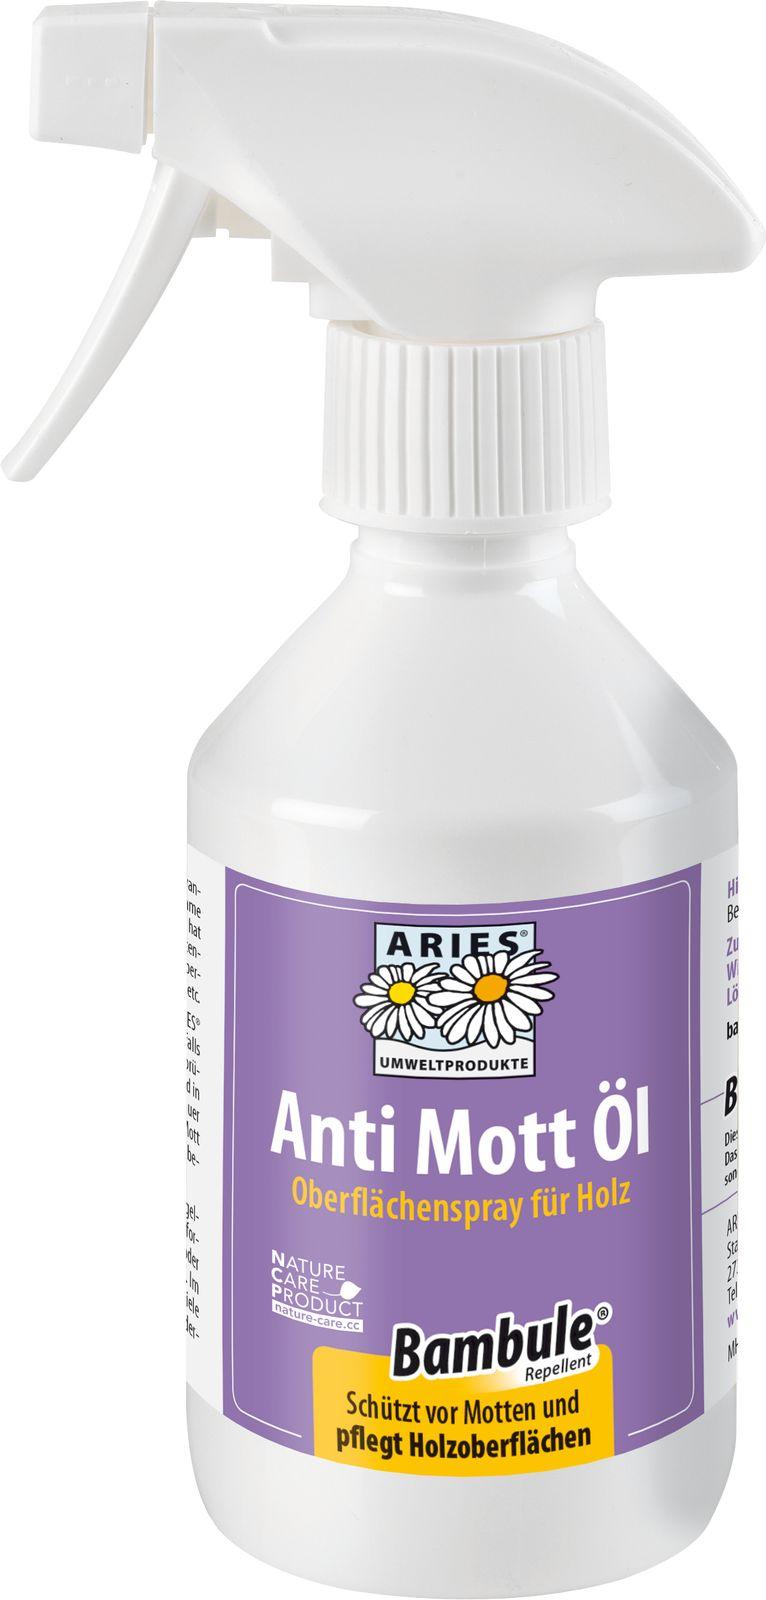 Aries- Anti Mott Öl 250 ml PET Flasche mit Spray Mottenvertreibung & Holzpflege